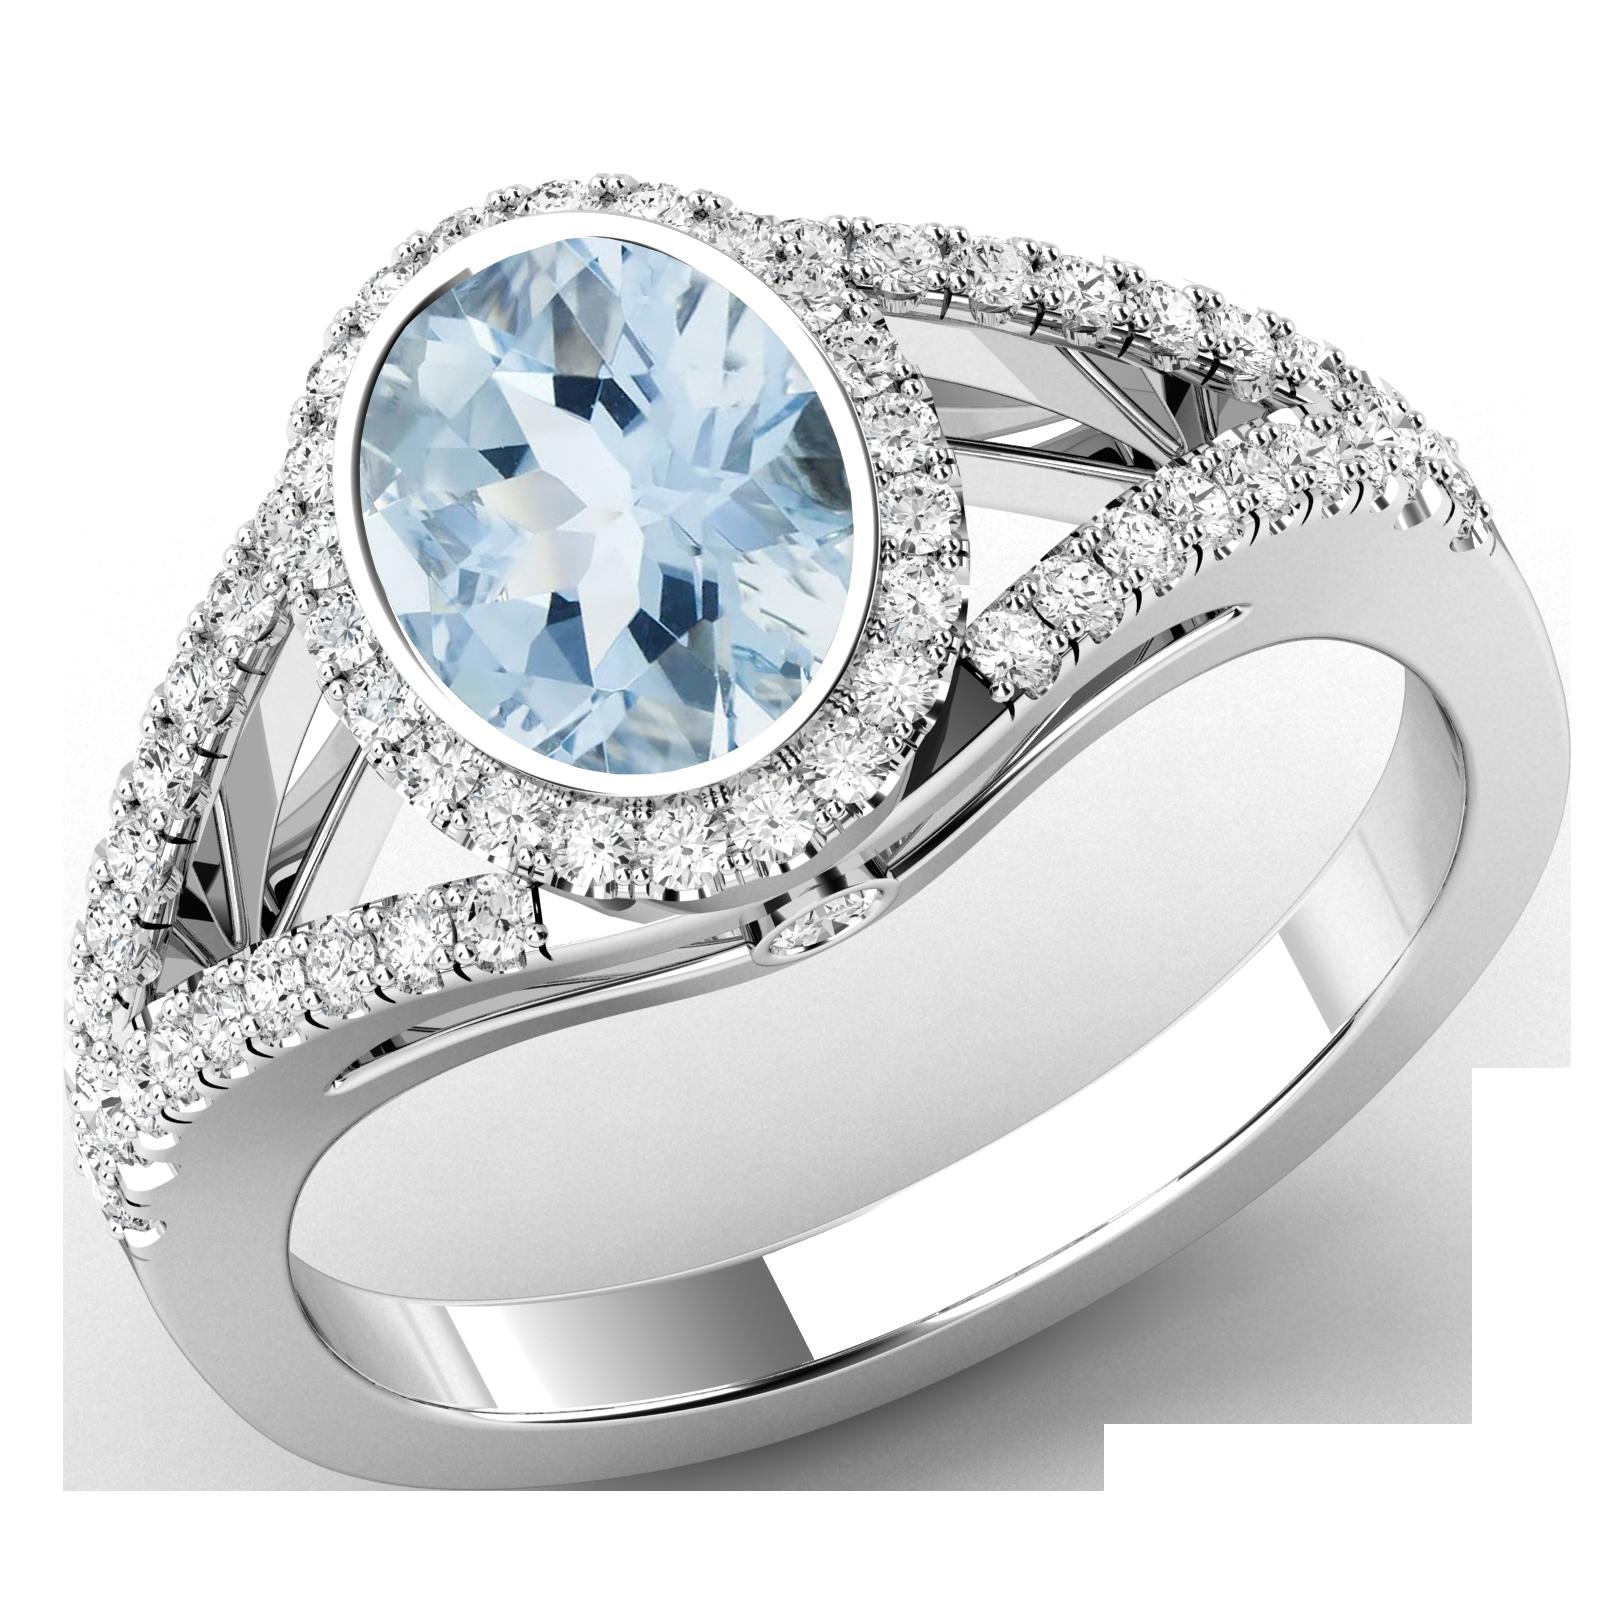 Inel cu Acvamarin si Diamante Dama Aur Alb 18kt Stil Cluster cu Diamante pe Margini-img1